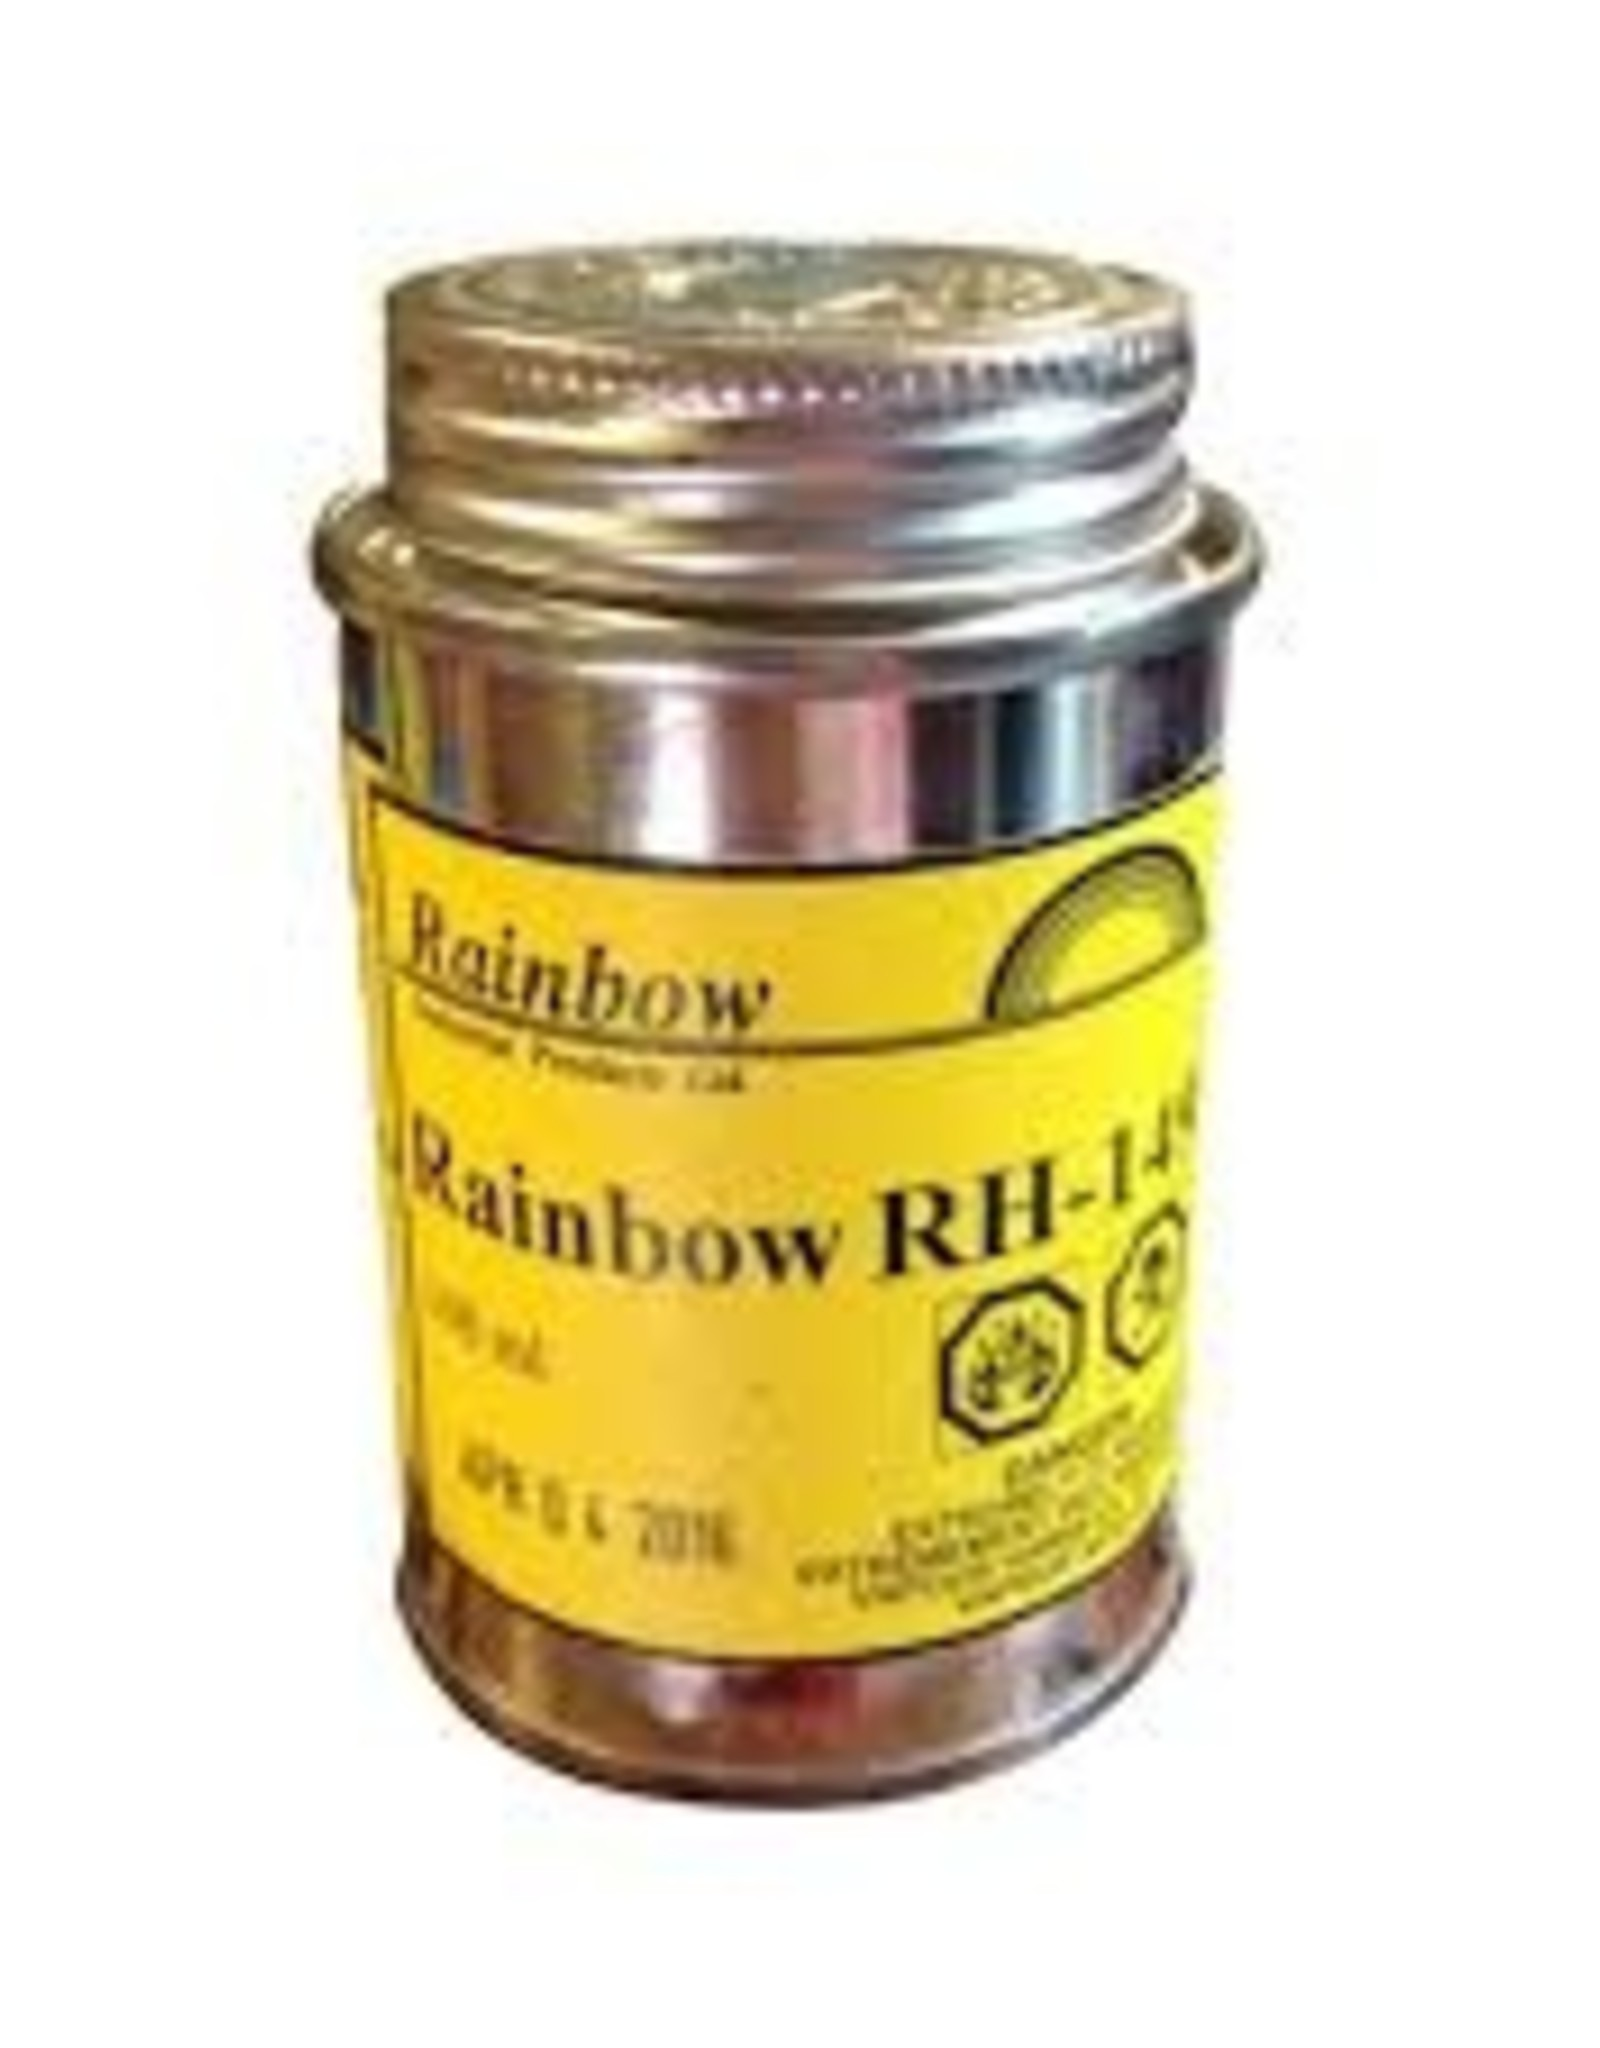 Xcel Rainbow Wetsuit cement - 100ml